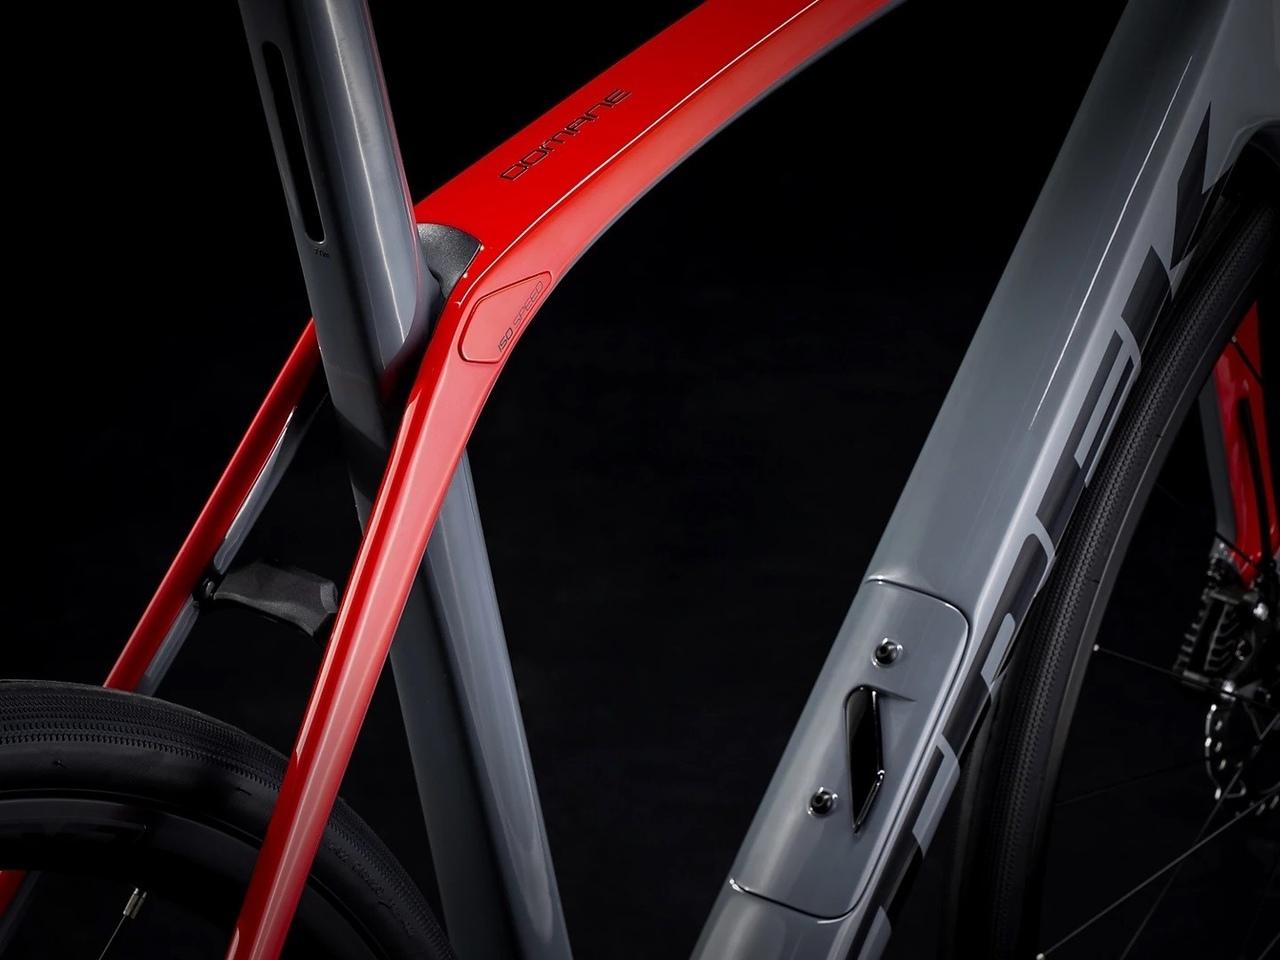 BICICLETA ROAD TREK DOMANE SL 4 A21 TAM.56 CNZ-VRM (585361)